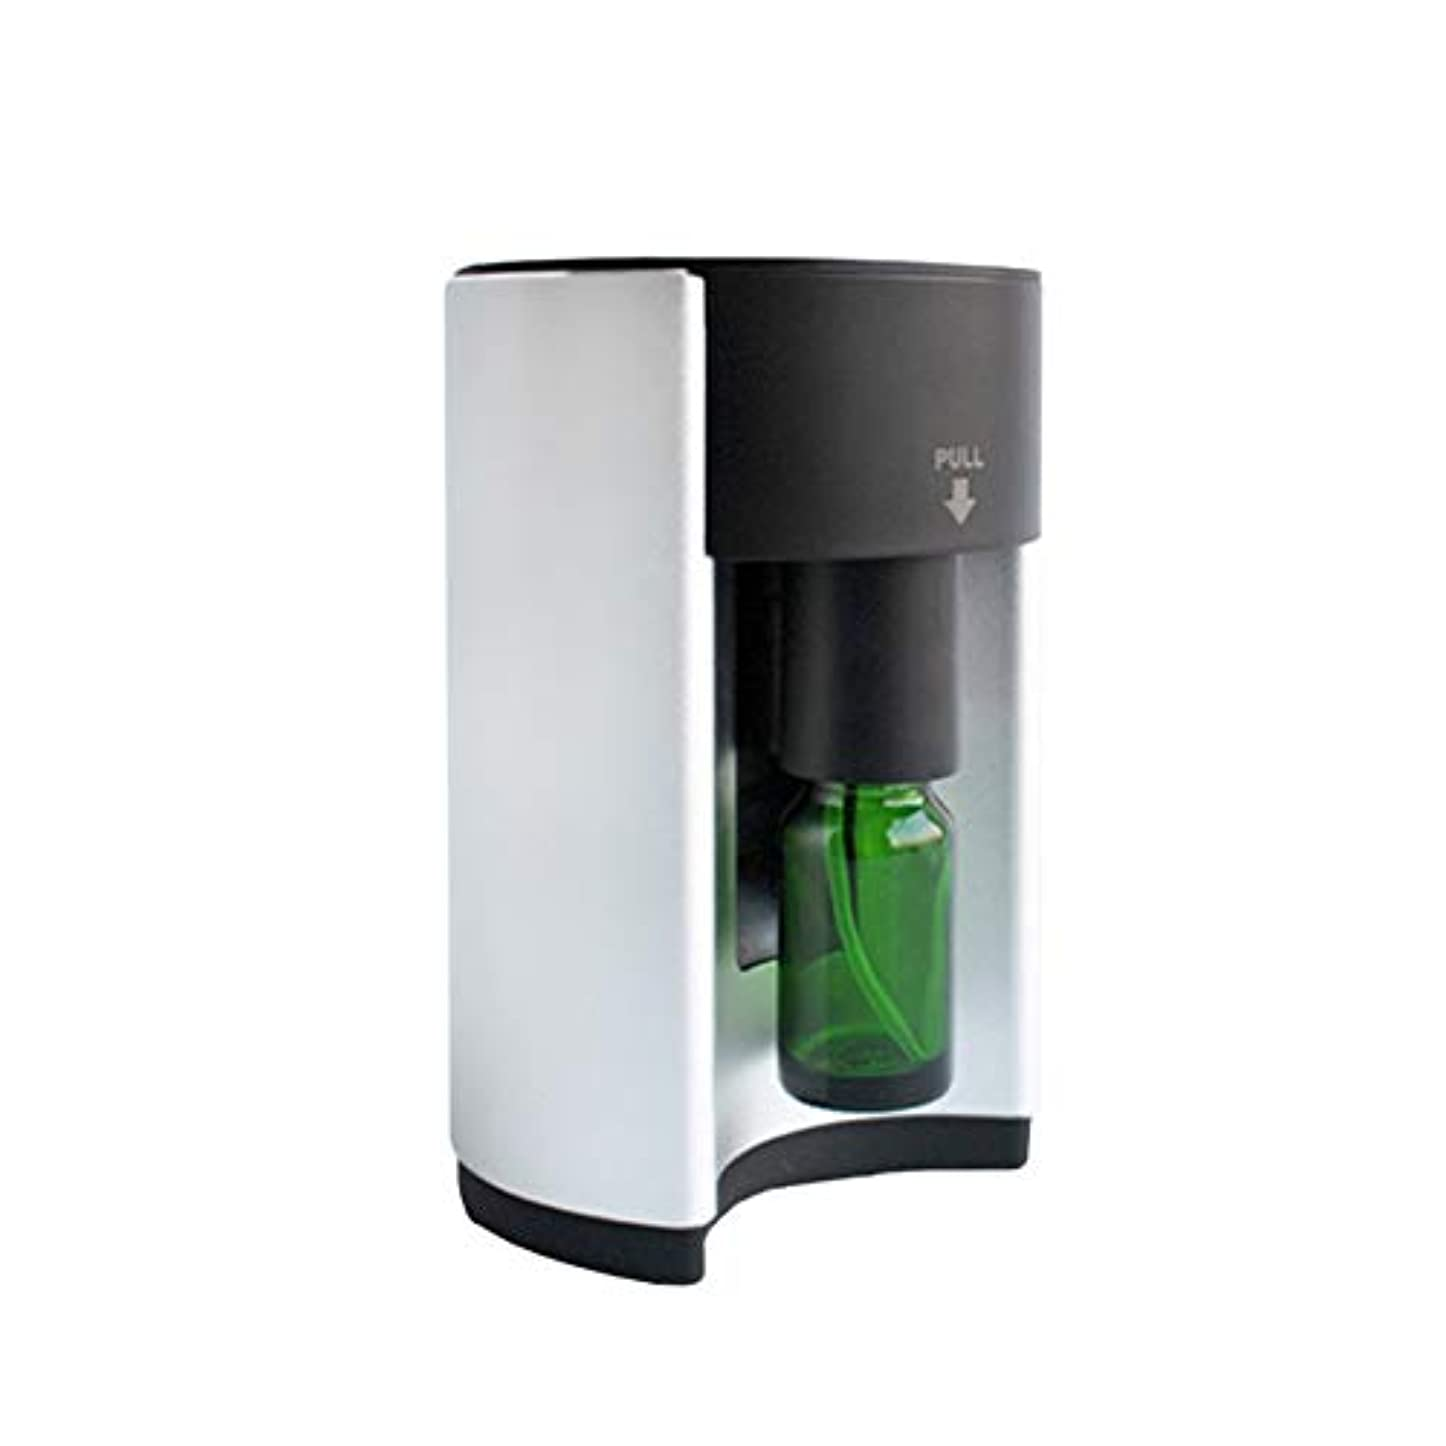 用心する流行しているピアース広範囲適用 アロマディフューザー ネブライザー式 シルバー アロマオイル アロマグラス 人気 タイマー機能 コンパクトタイプ エッセンシャルオイル 加湿 うるおい